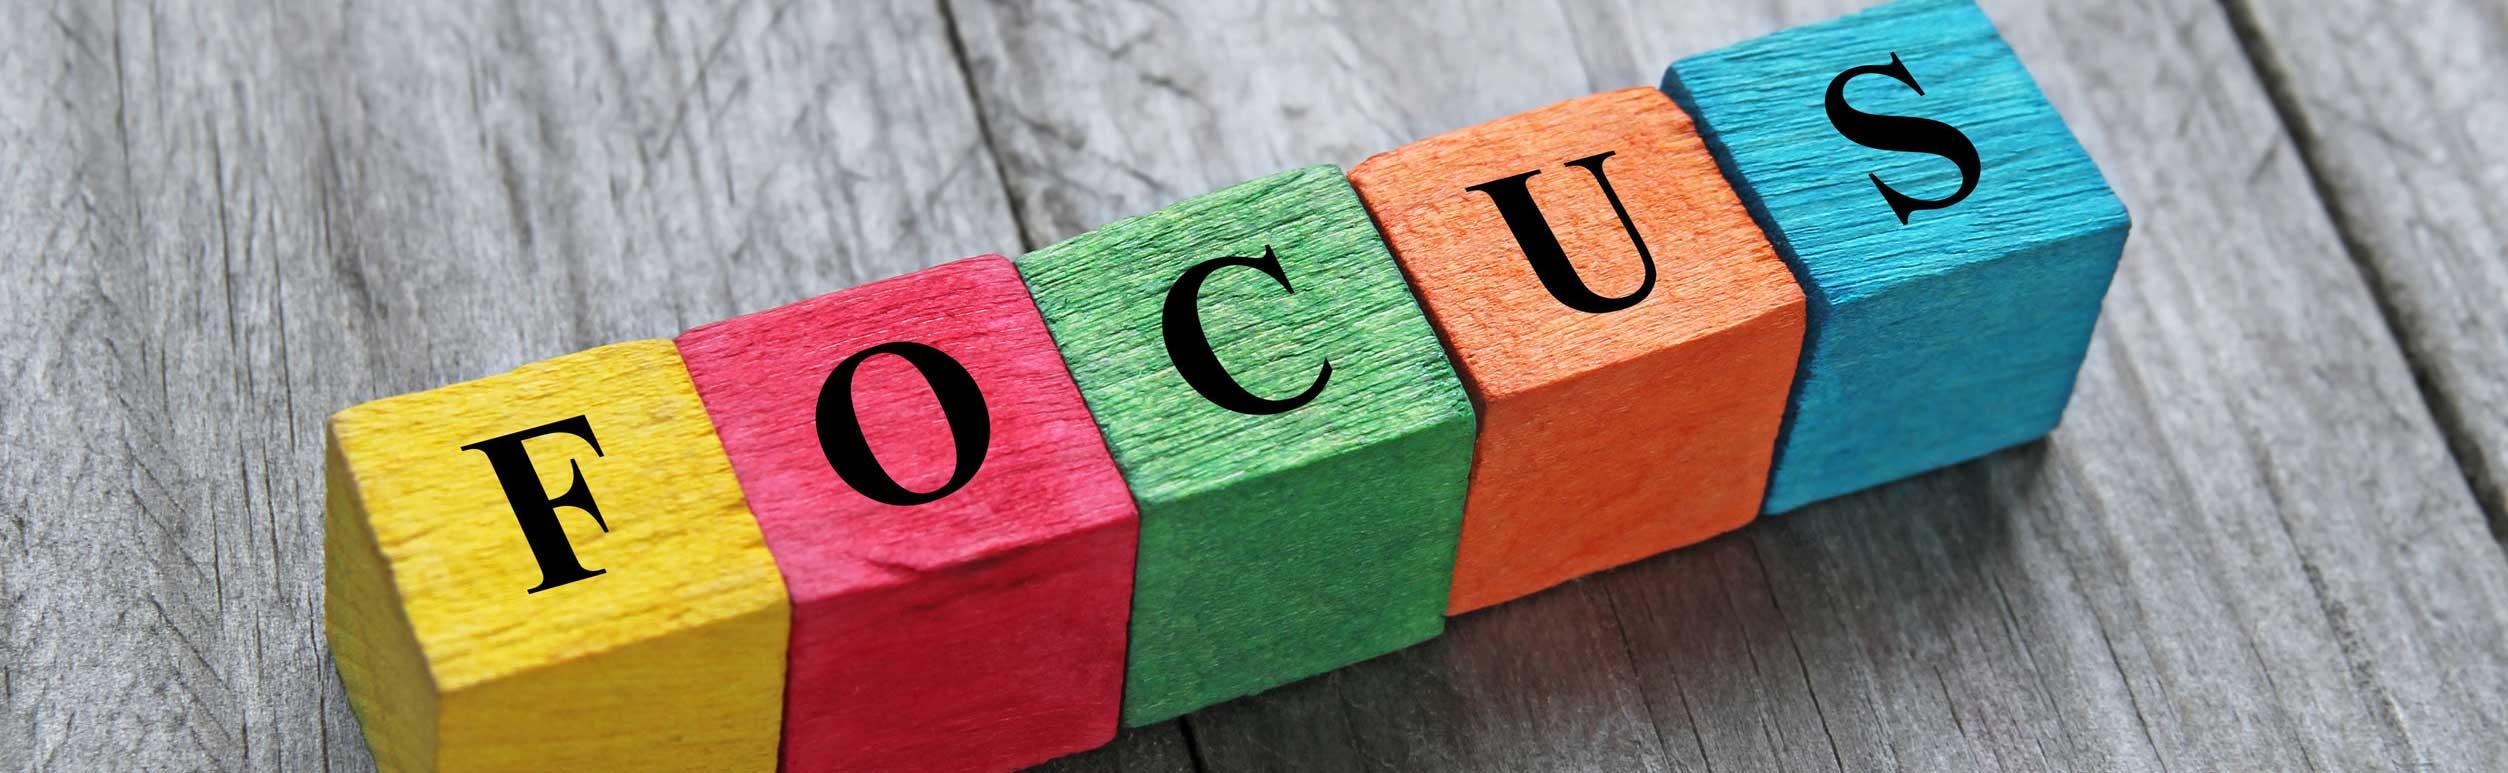 Premium Online Kurse für Hilfe und Problembewältigung bei der Doktorarbeit